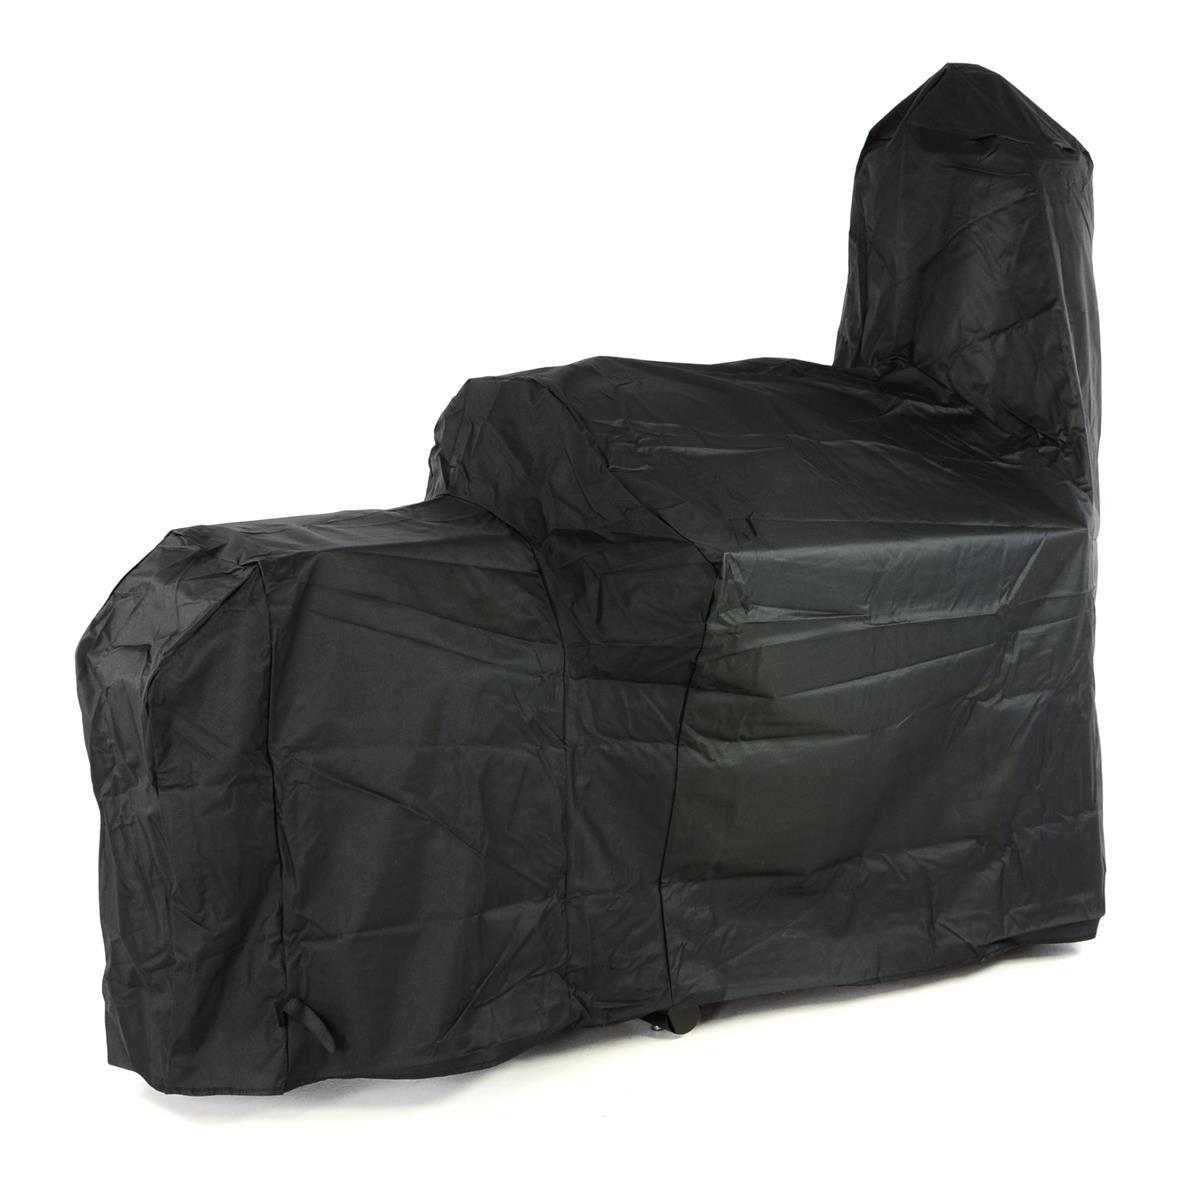 Schutzhülle für Smoker Wetterschutz Plane Cover 500x300D/PVC schwarz 212x172 cm